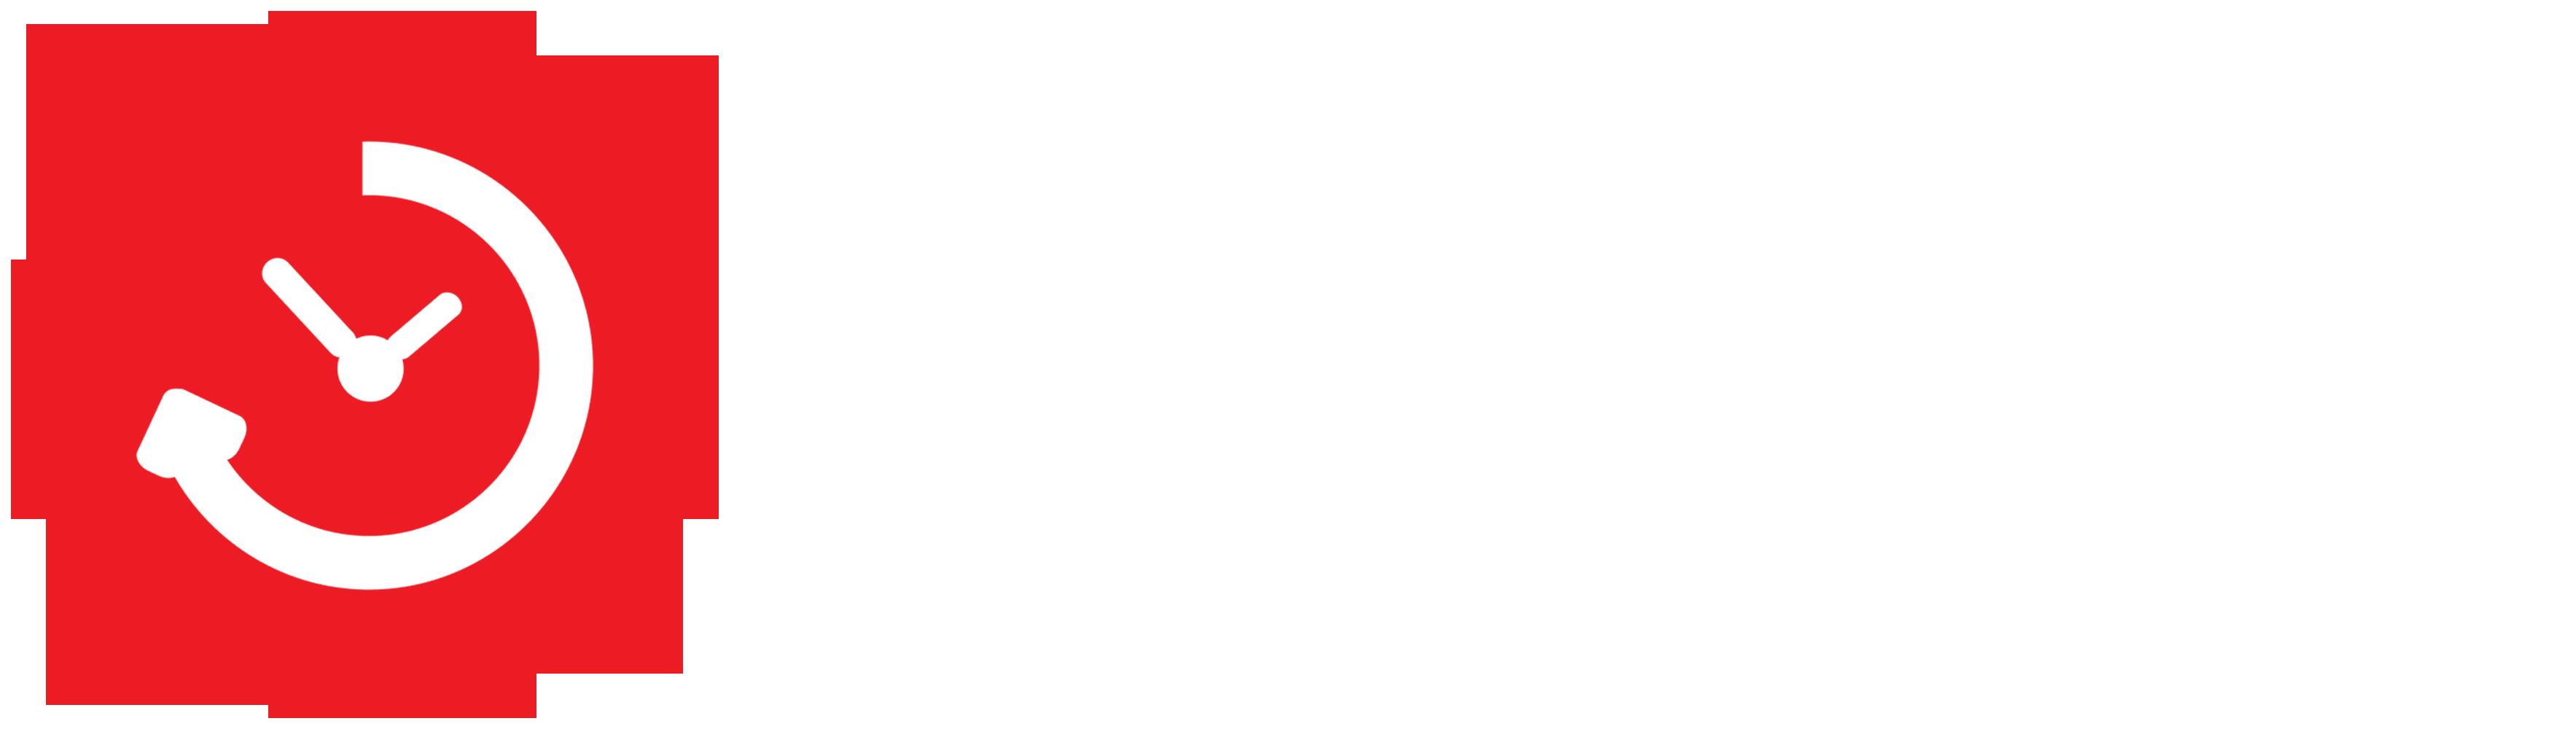 Titan Gel Tăng Kích Cỡ Cậu Nhỏ - Shop Vip One